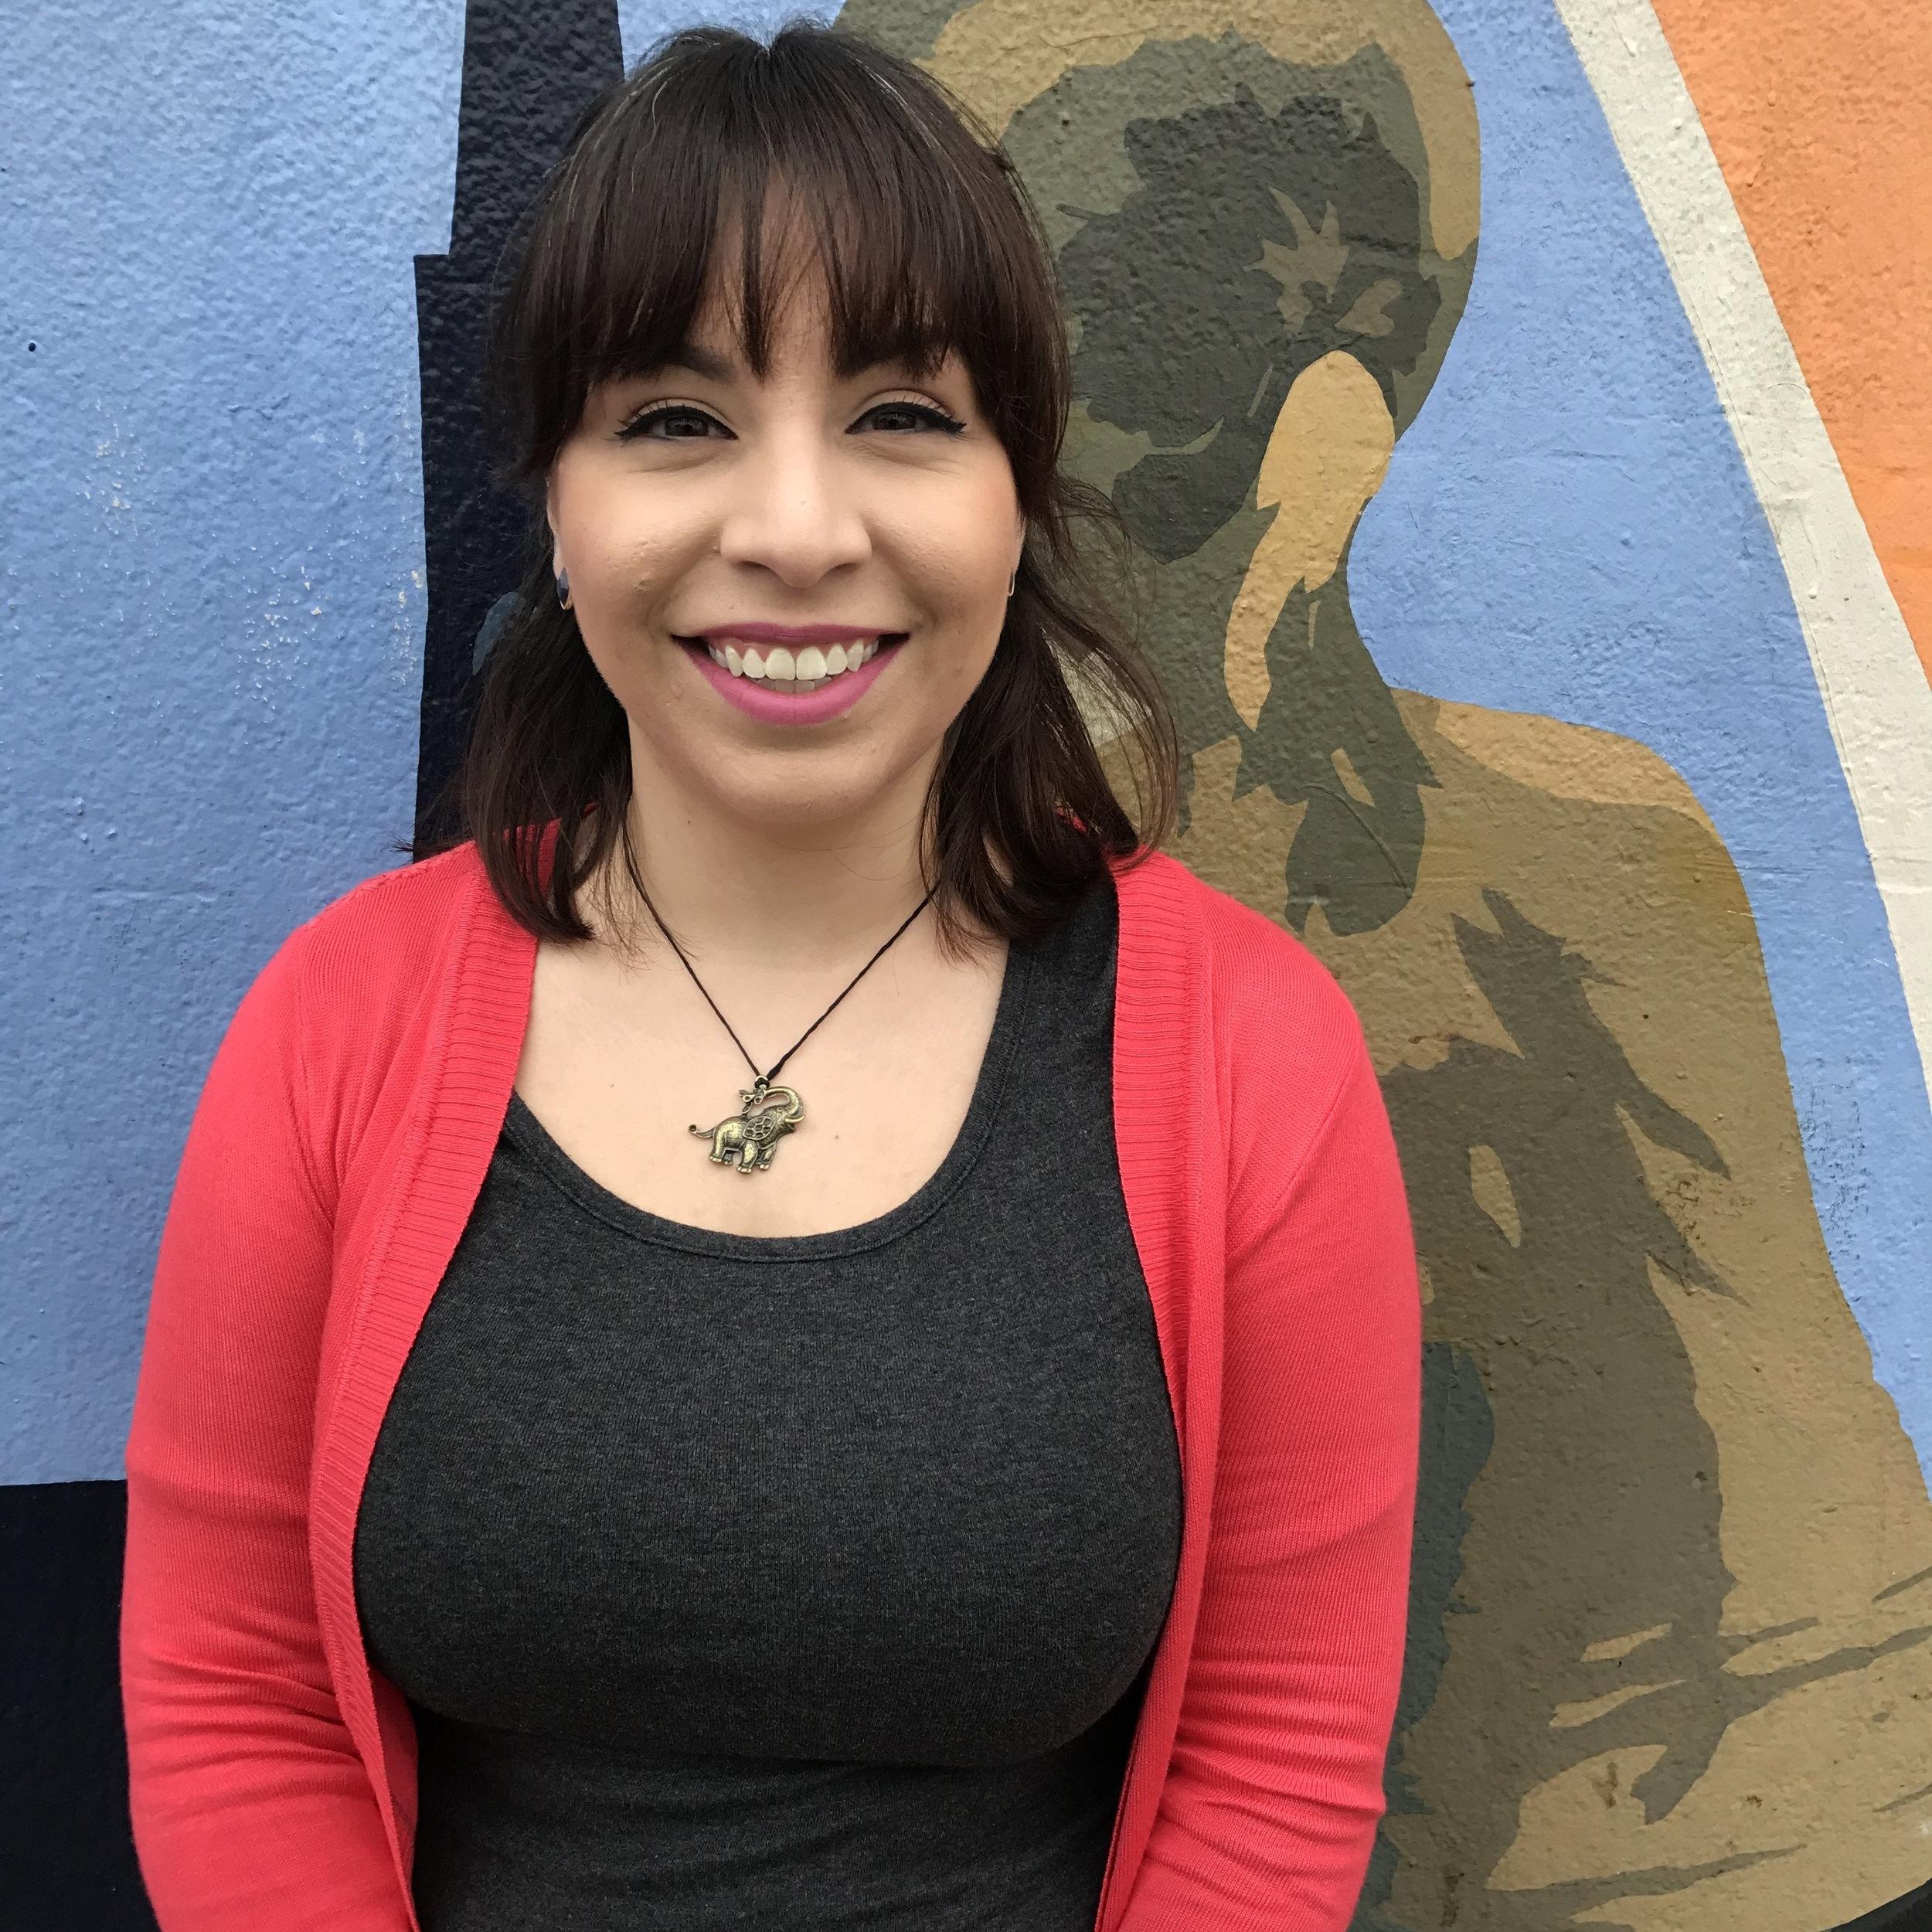 Rosa Guzman     Habla español   Coordinadora de la Preparatoria Gerente de Casos del 9˚y 10˚grados.  (415) 522-1550 ext. 110  r  osa  @seventepees.org